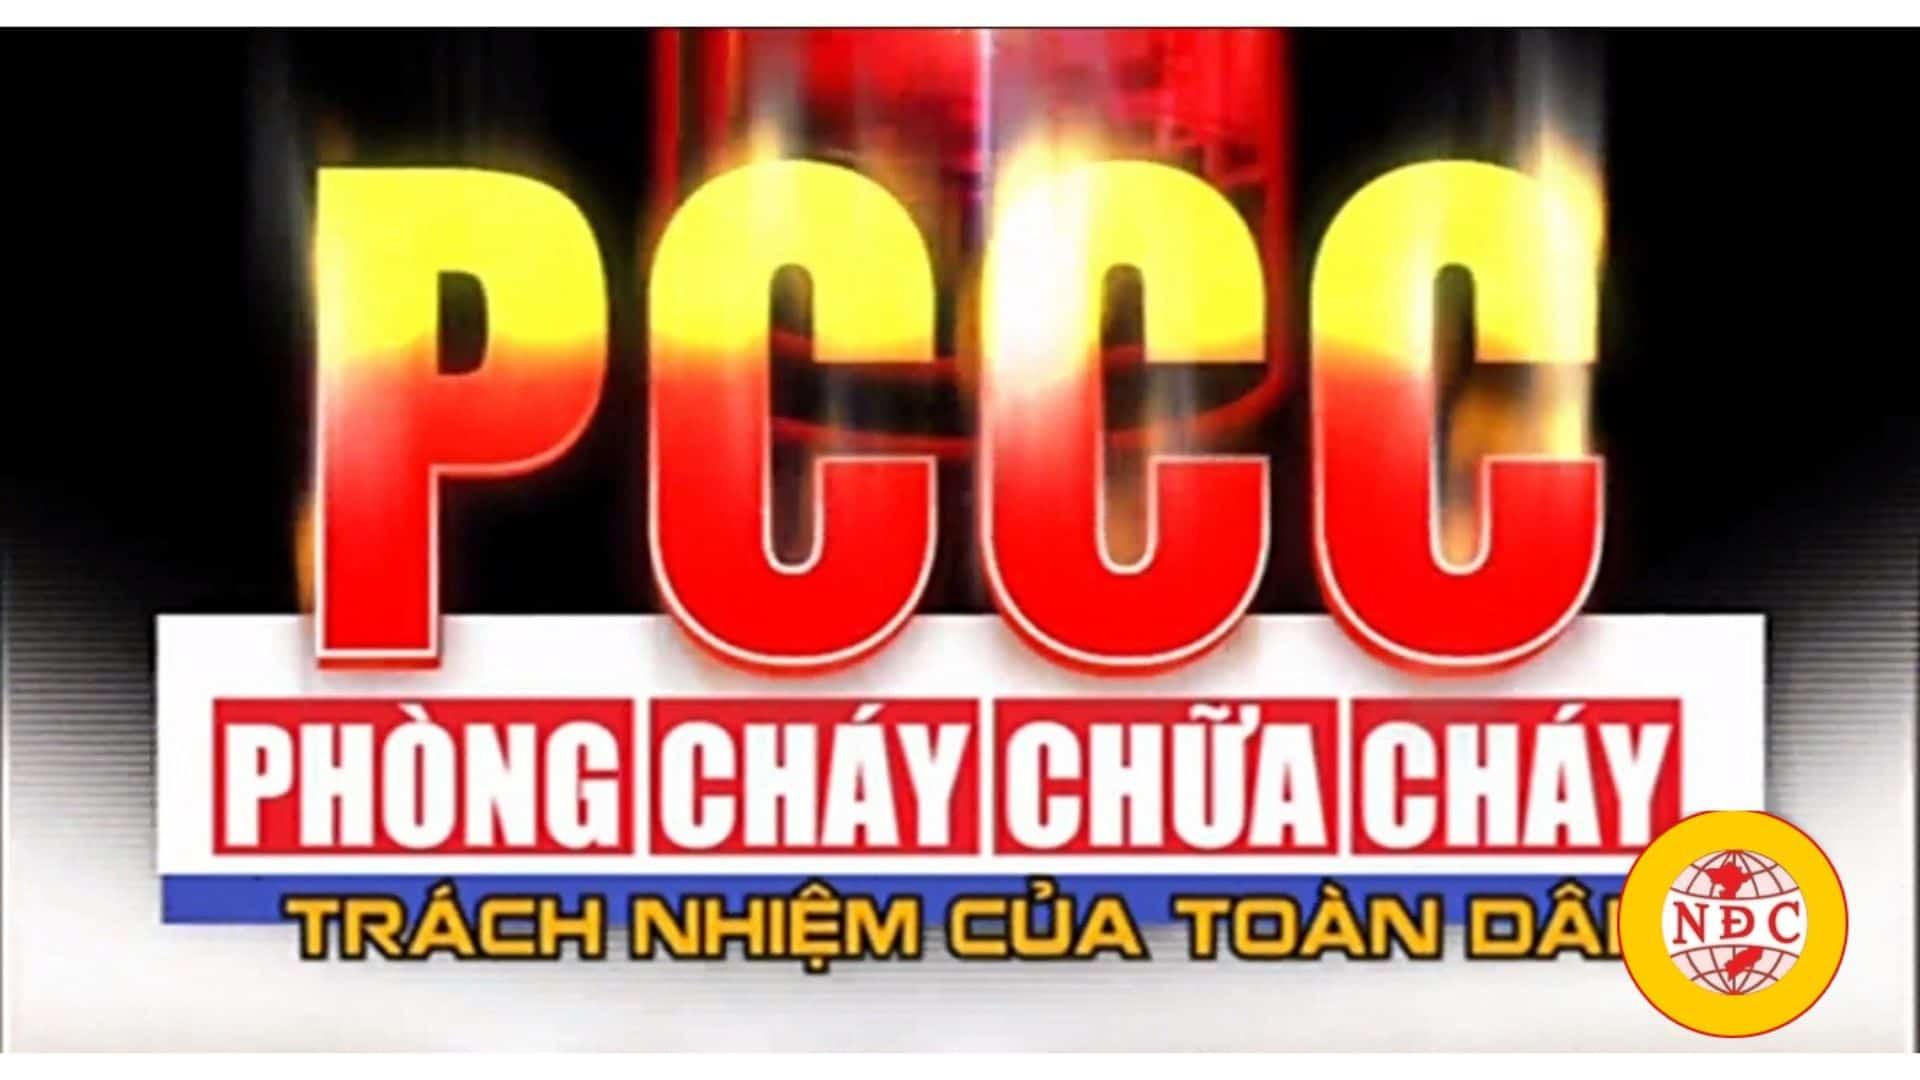 Tiêu chuẩn để được cấp giấy kinh doanh dịch vụ PCCC